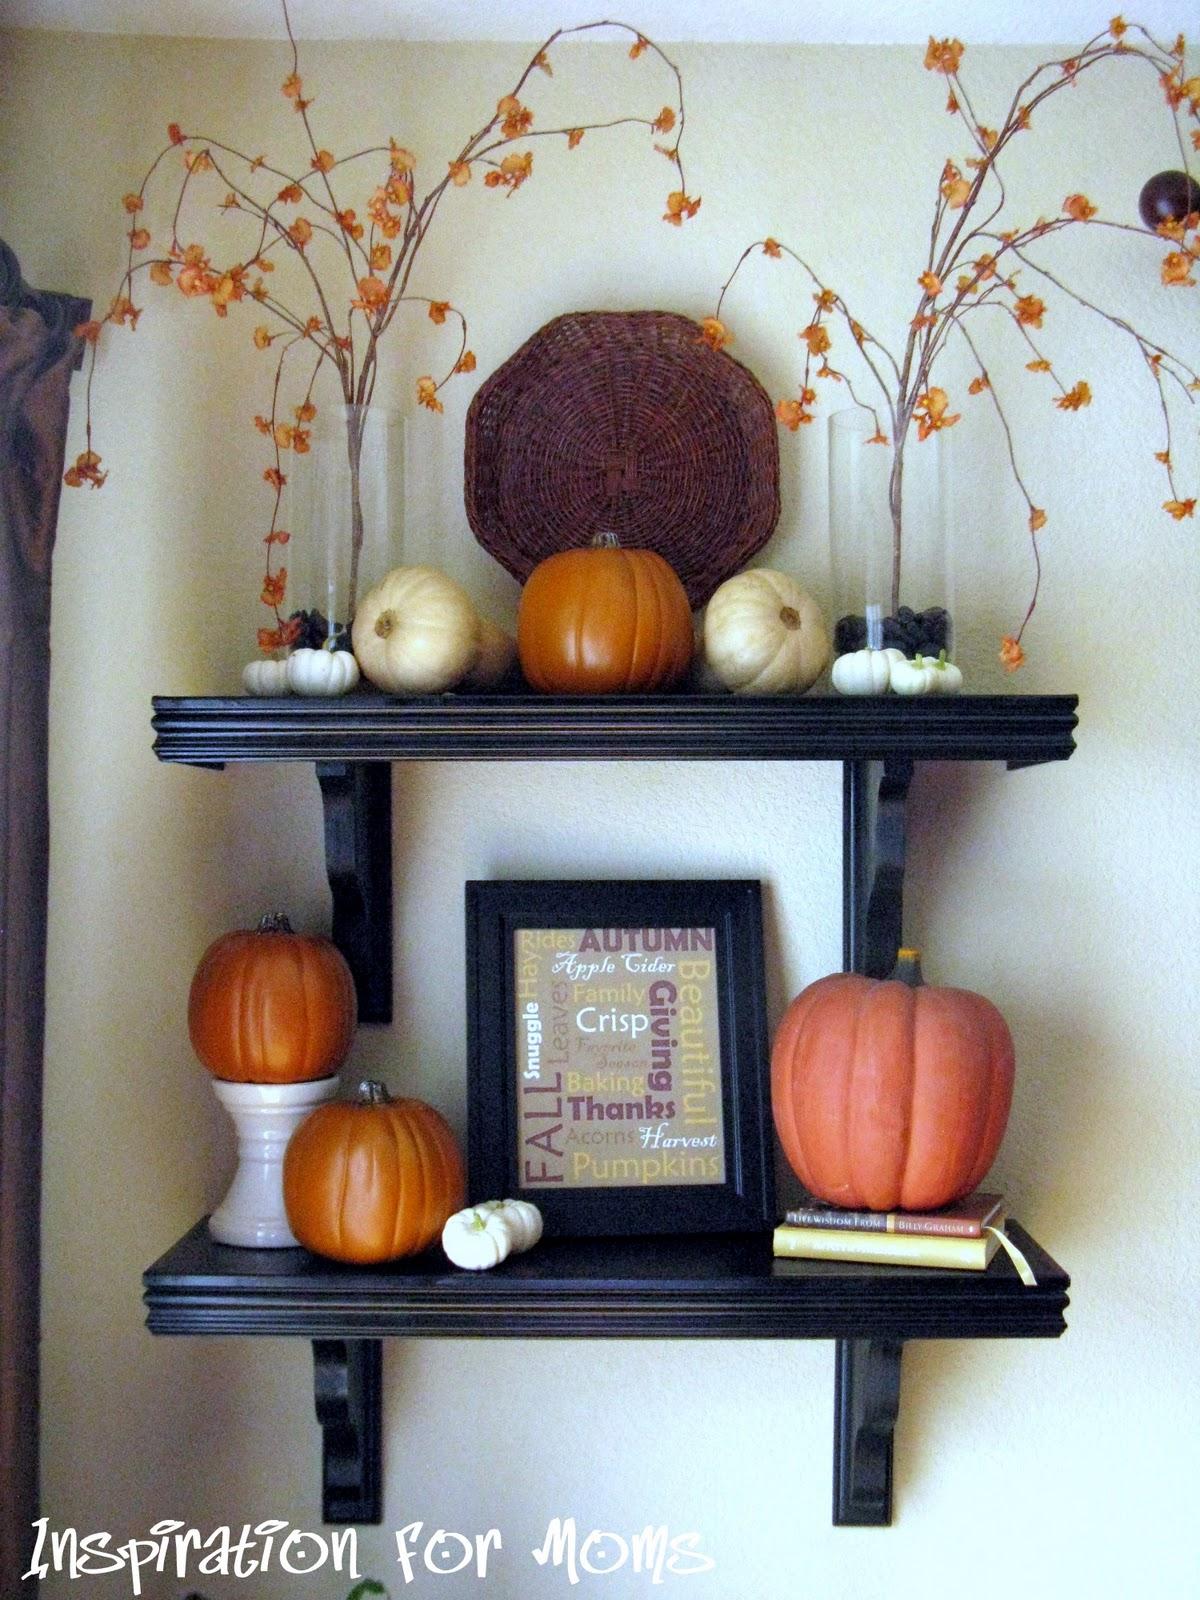 http://4.bp.blogspot.com/-pnzy7C_PWXg/TntolqPqmGI/AAAAAAAABVs/UAzrRY9Jt3A/s1600/fall+shelves+011.JPG